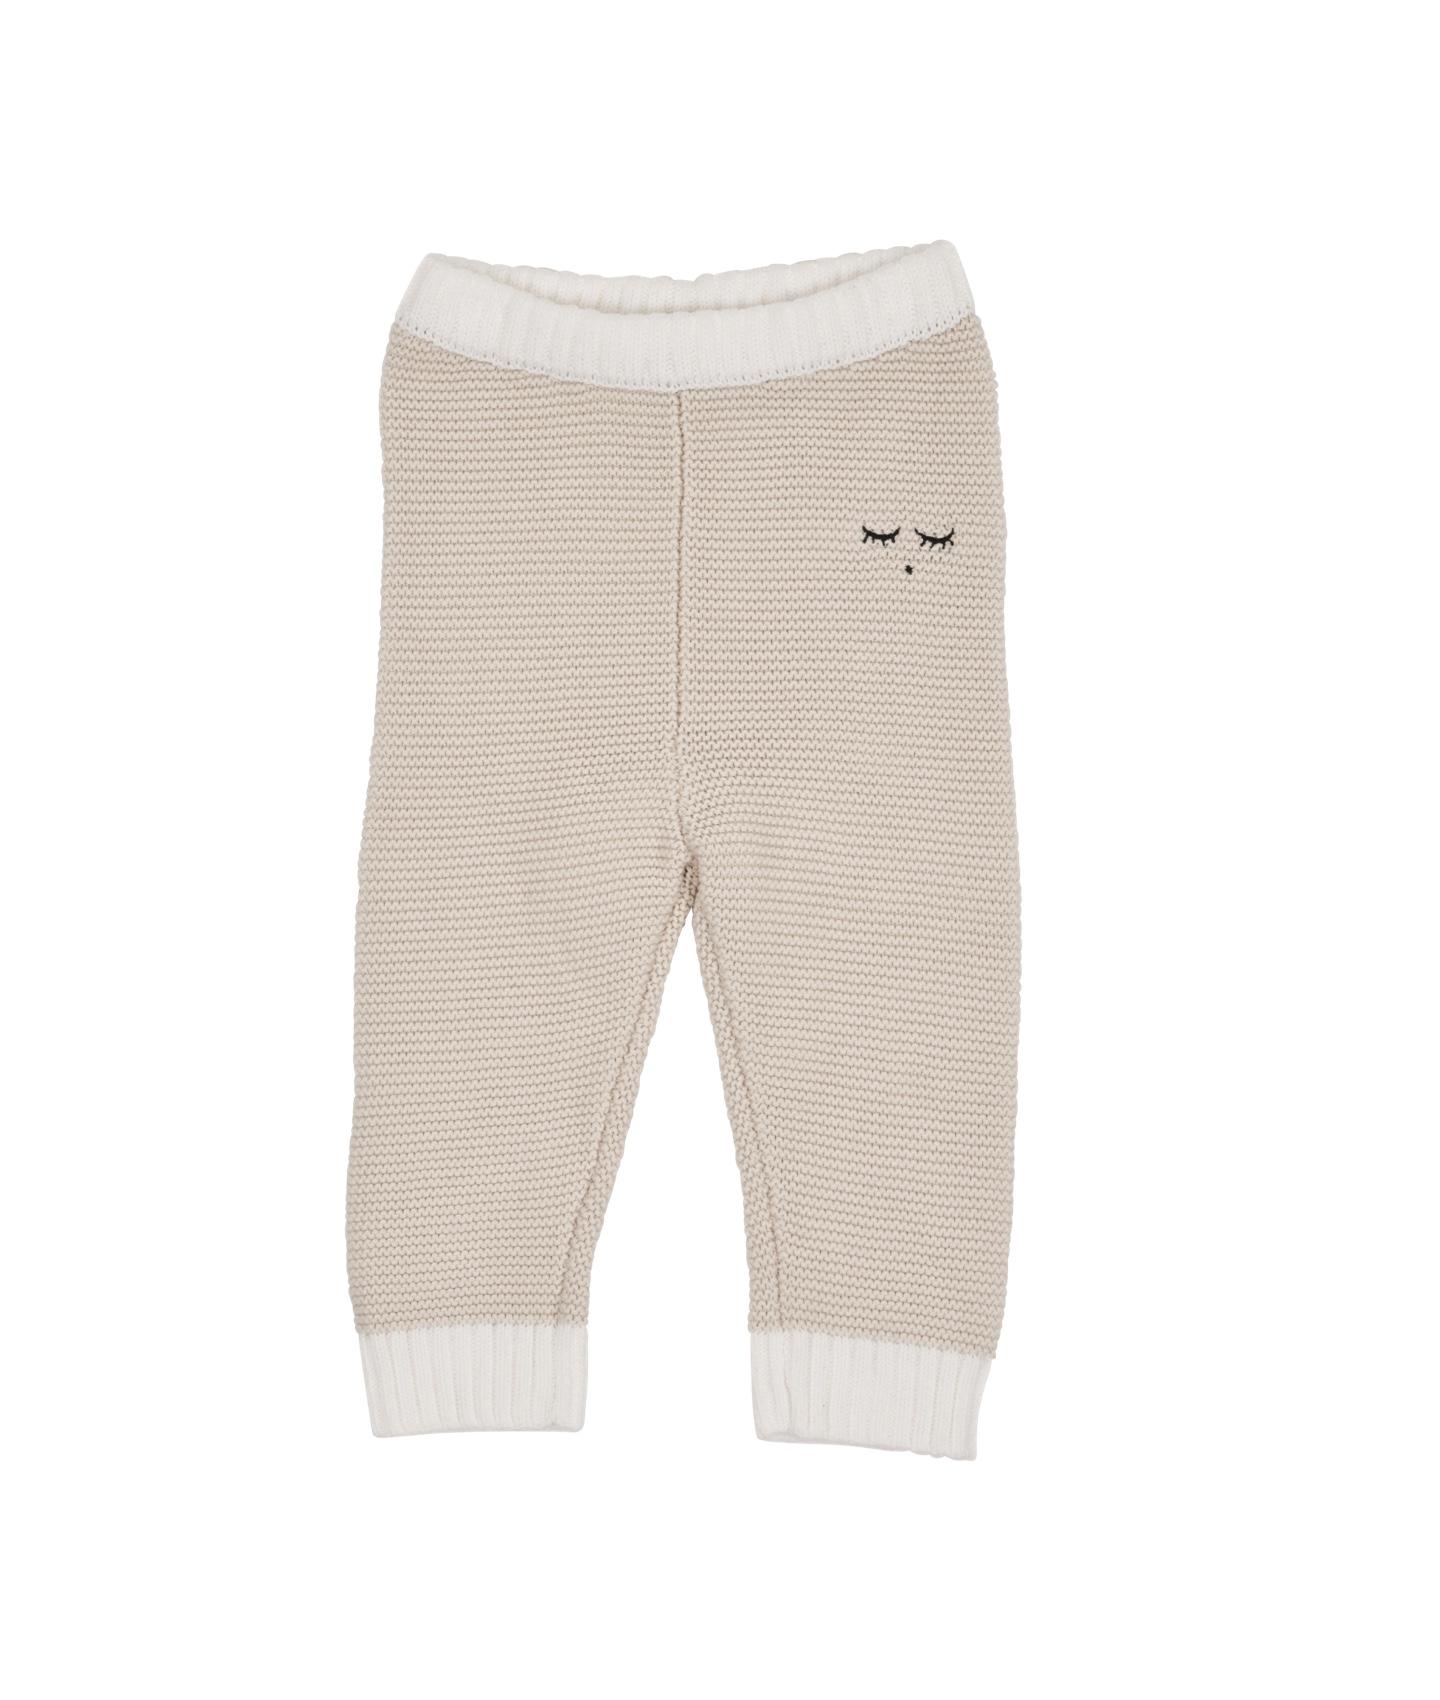 Livly Knit Pants